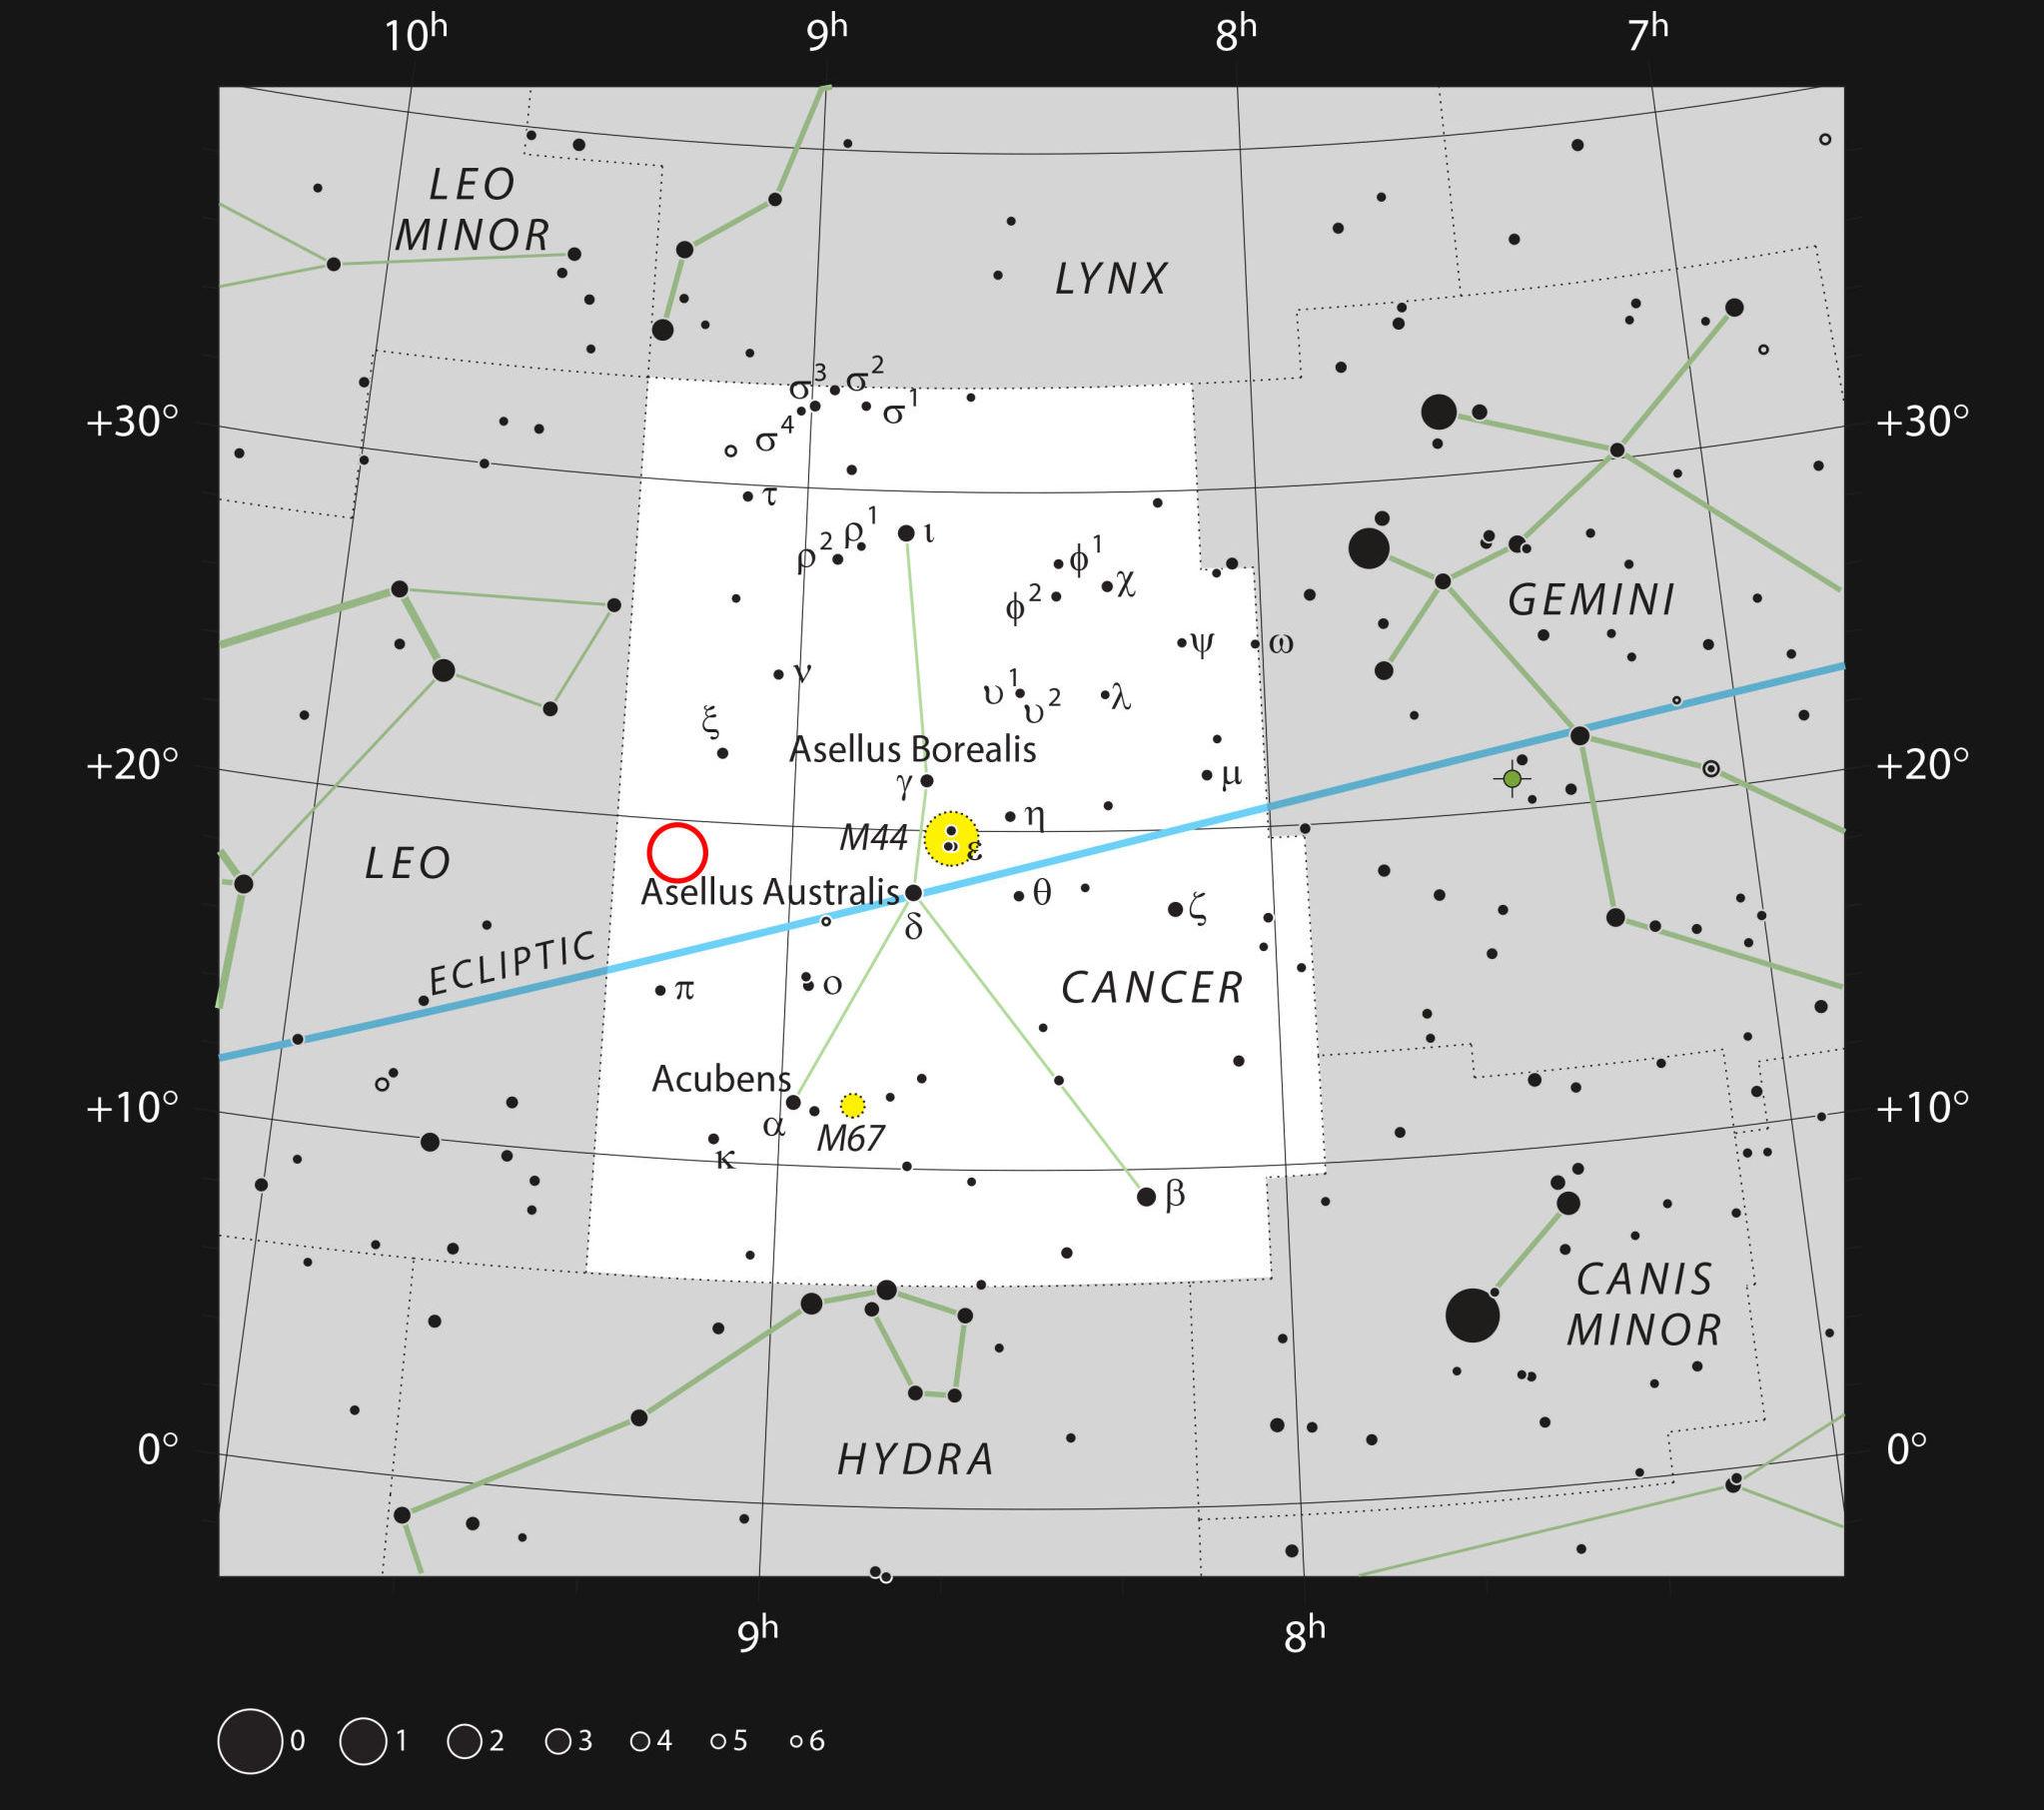 Ubicación de WDJ0914+1914 en la constelación de Cáncer